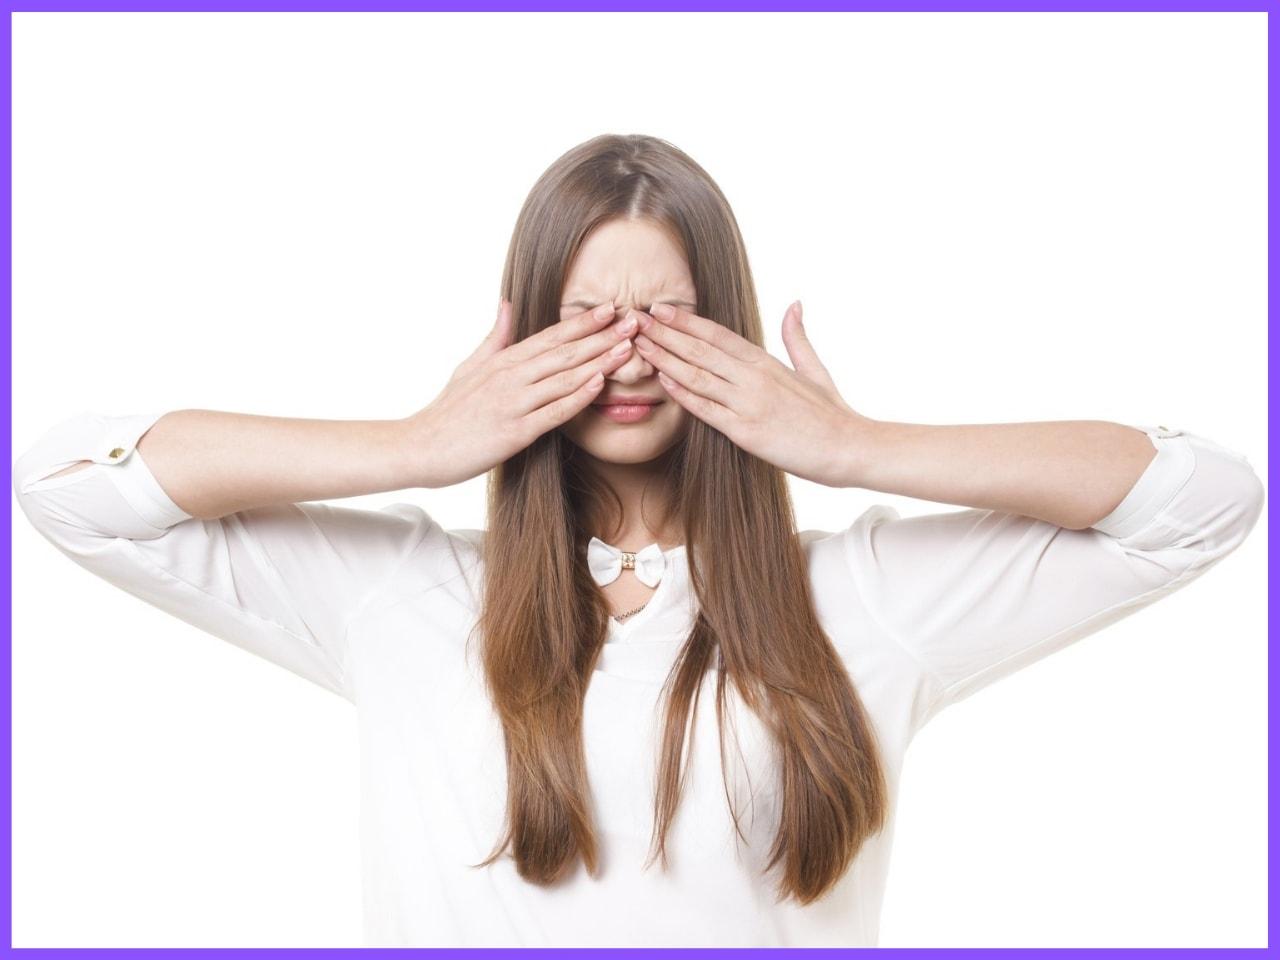 恥ずかしそうに目隠しする女性